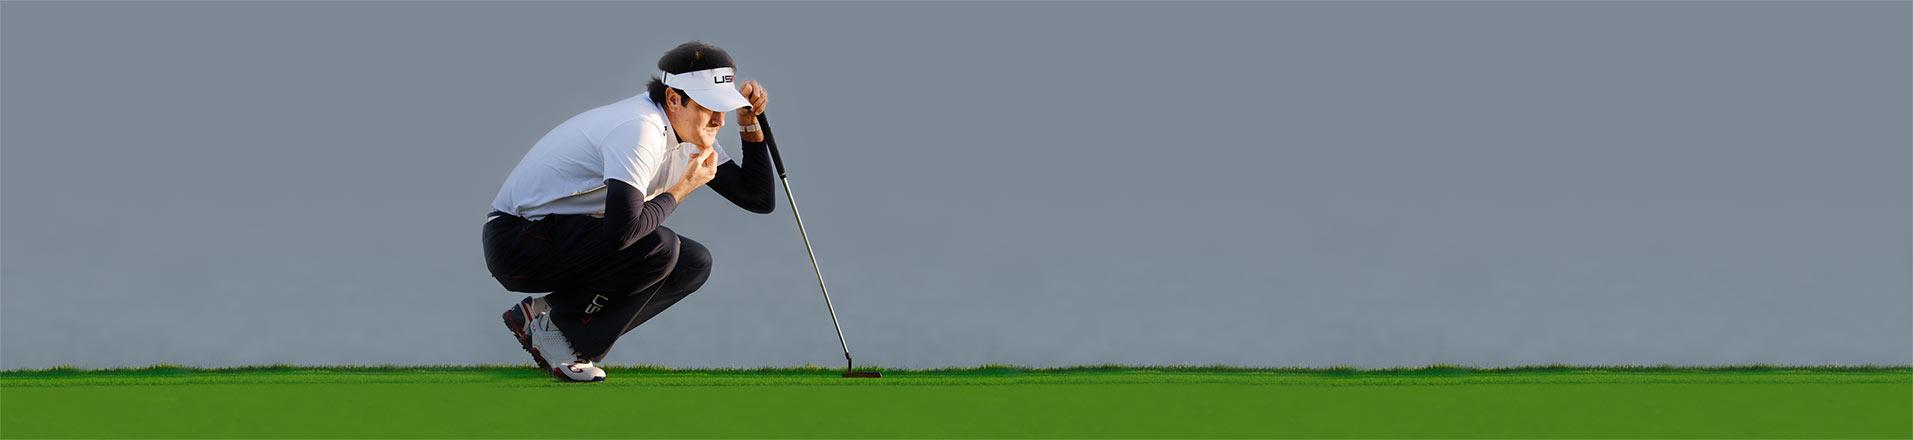 Psychologisch orientiertes Golftraining | Slider-Hintergrundbild